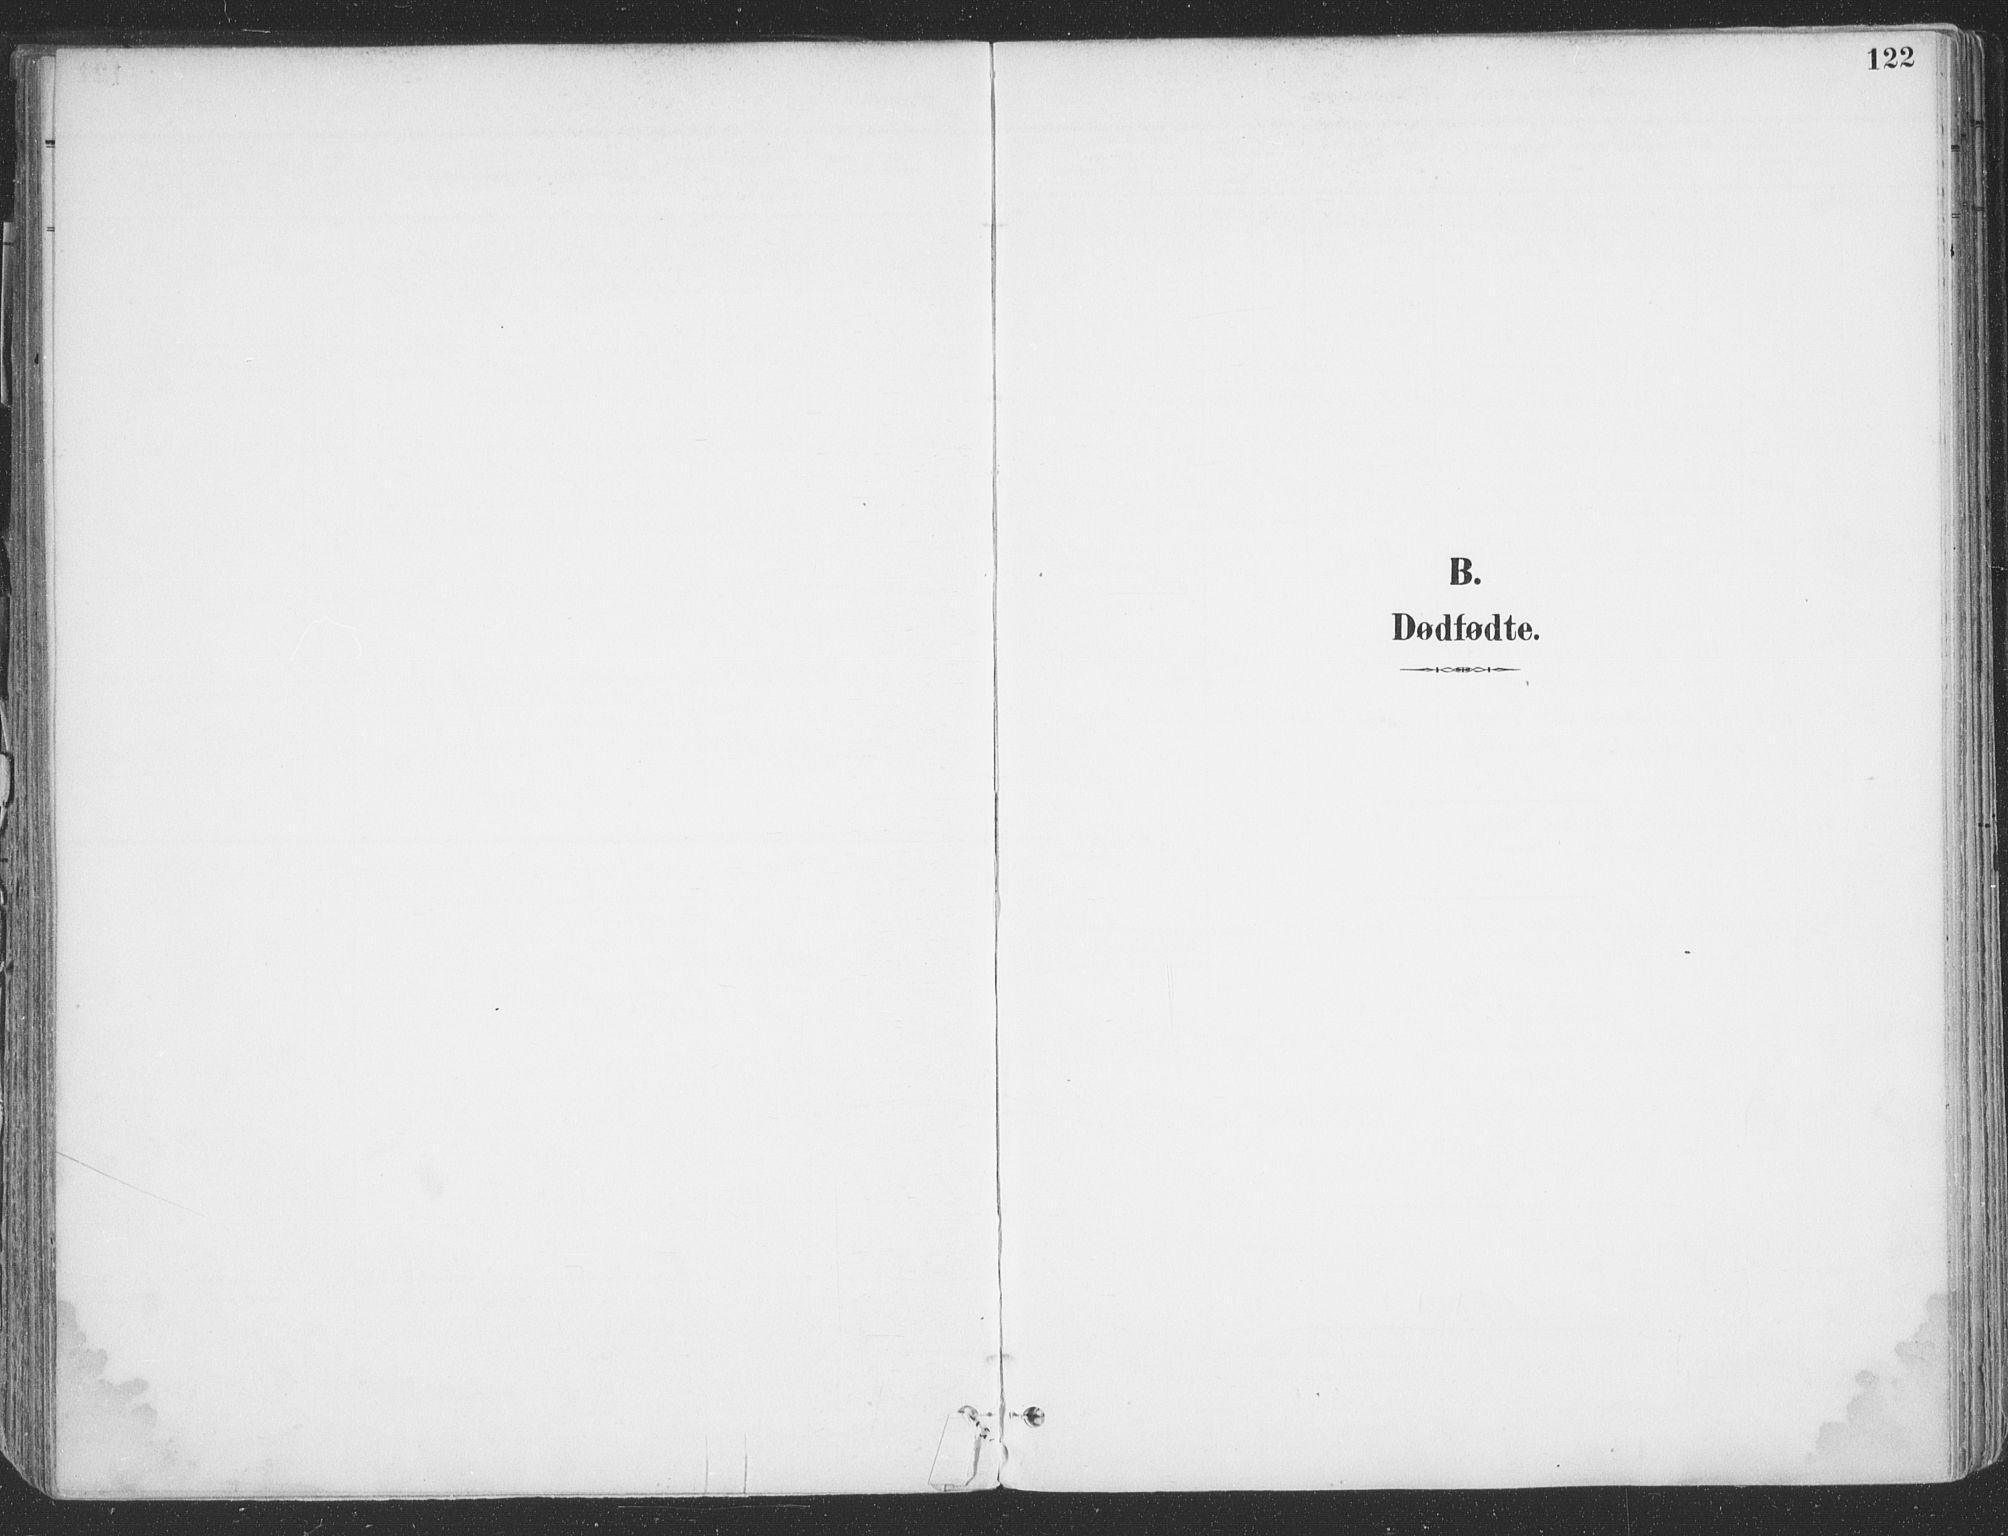 SATØ, Vadsø sokneprestkontor, H/Ha/L0007kirke: Ministerialbok nr. 7, 1896-1916, s. 122